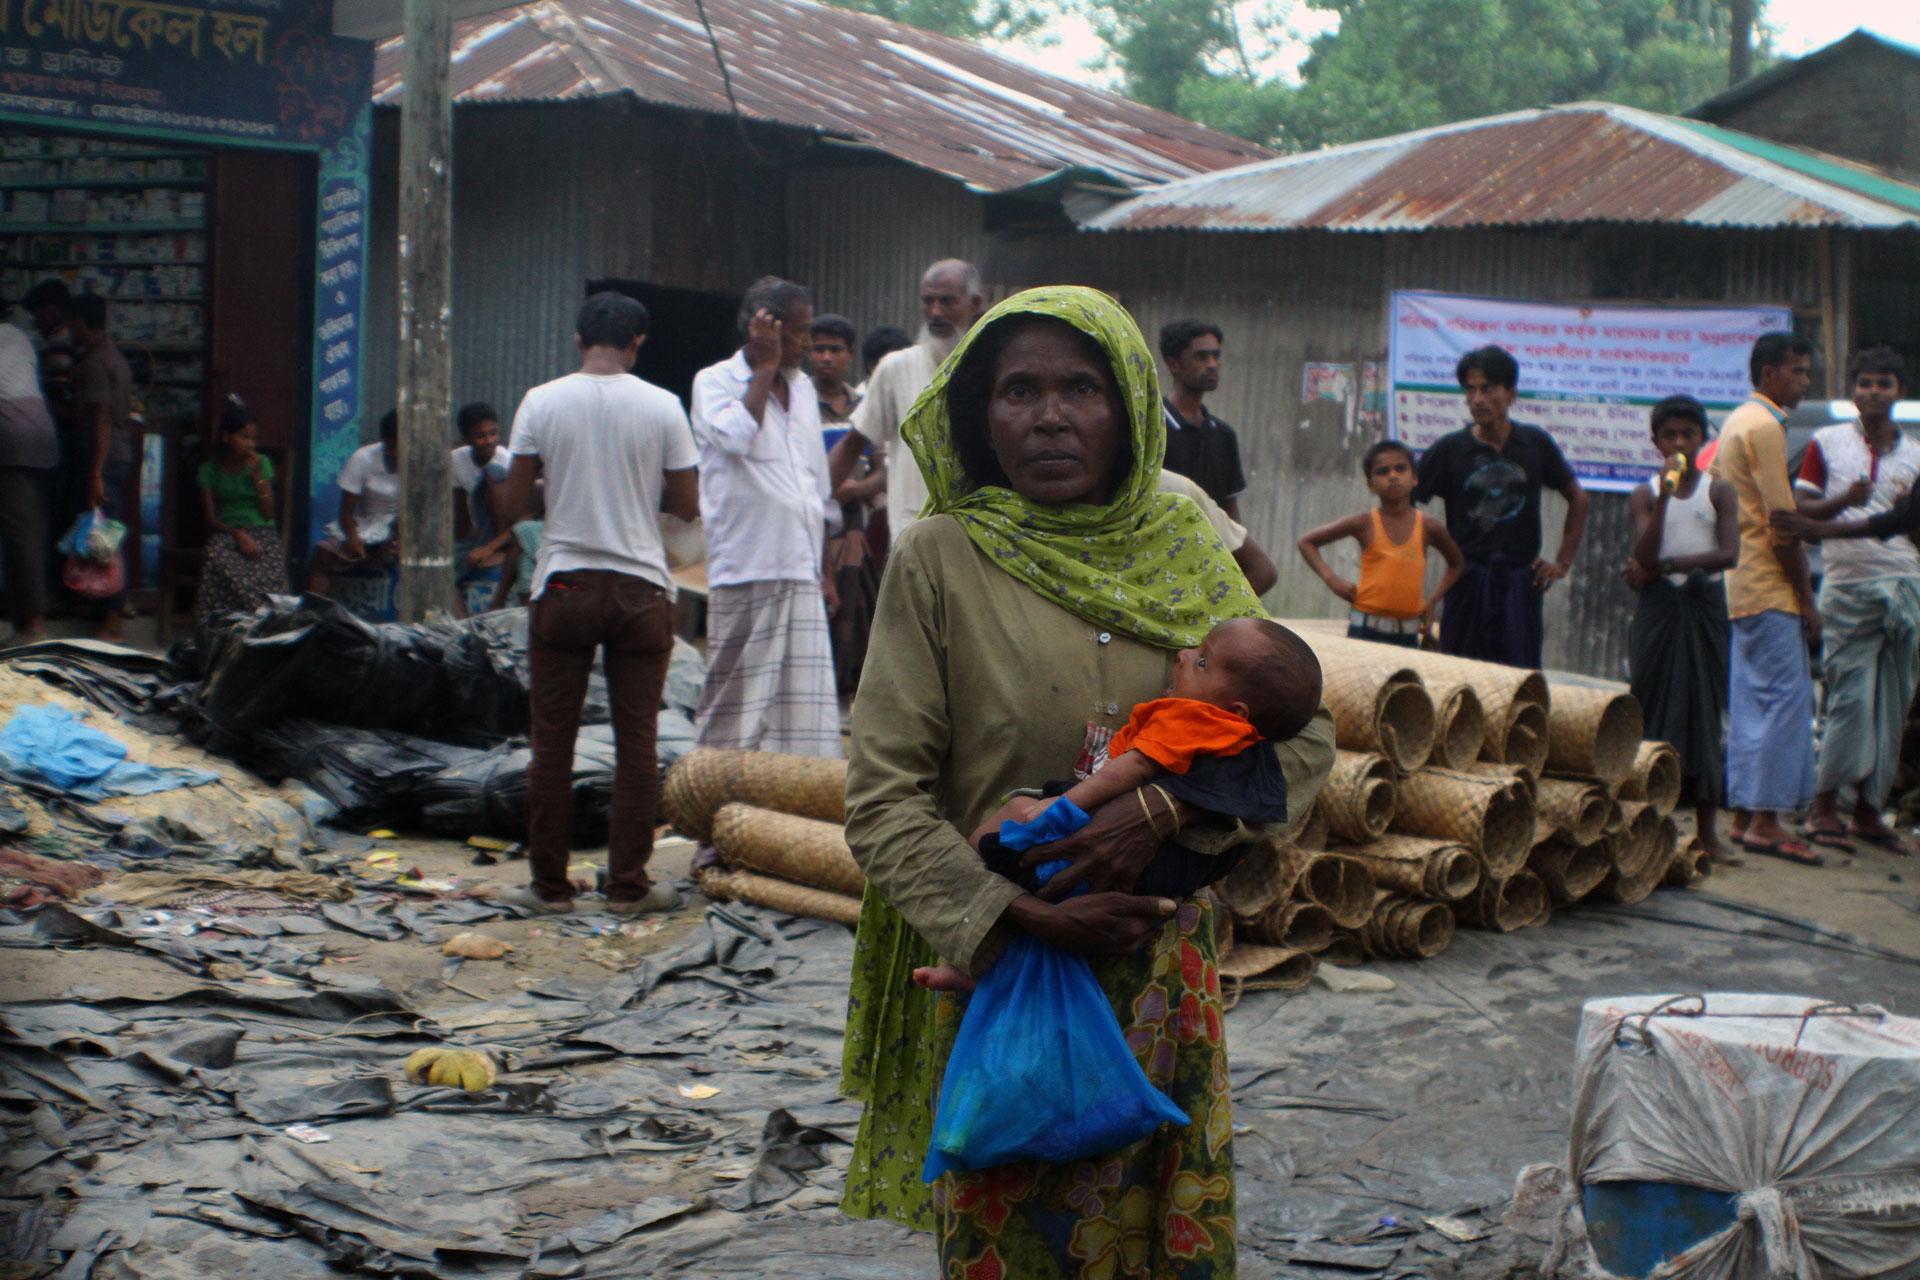 Bersama Organisasi Kemanusiaan se-Asia Tenggara, Human Initiative Serukan Perdamaian untuk Myanmar